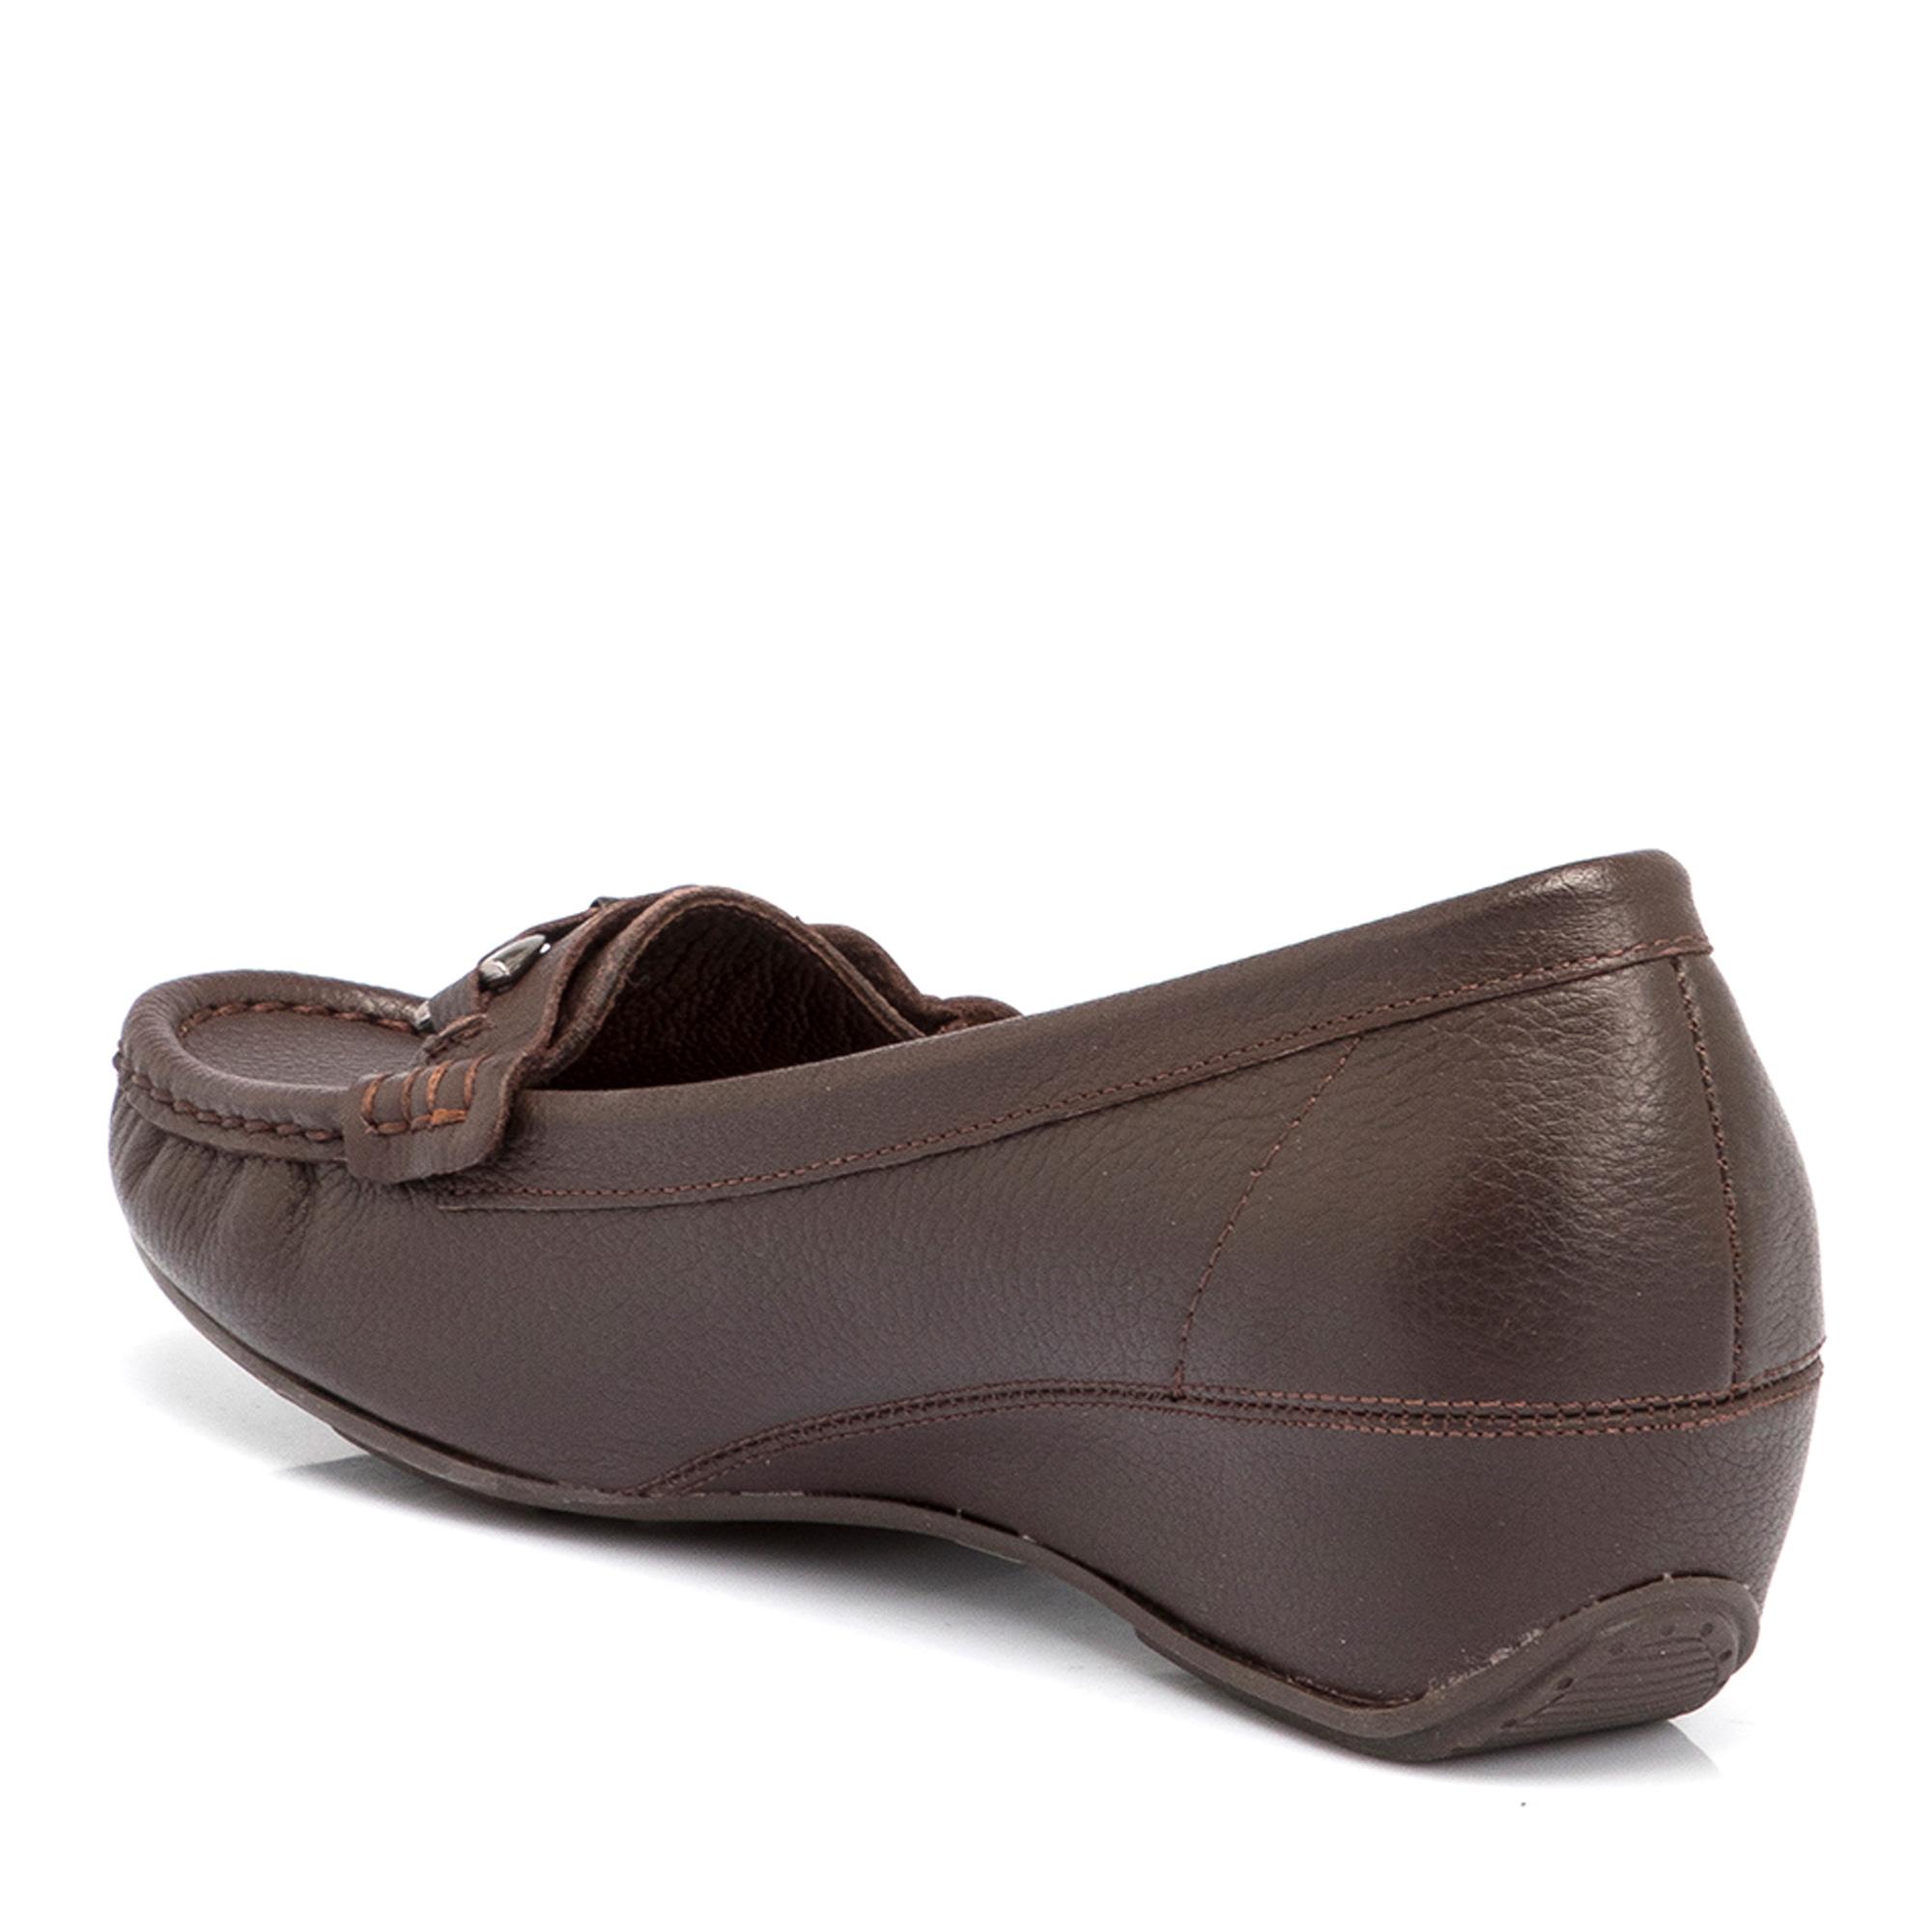 Kahve Deri Kadın Ayakkabı 64060A24